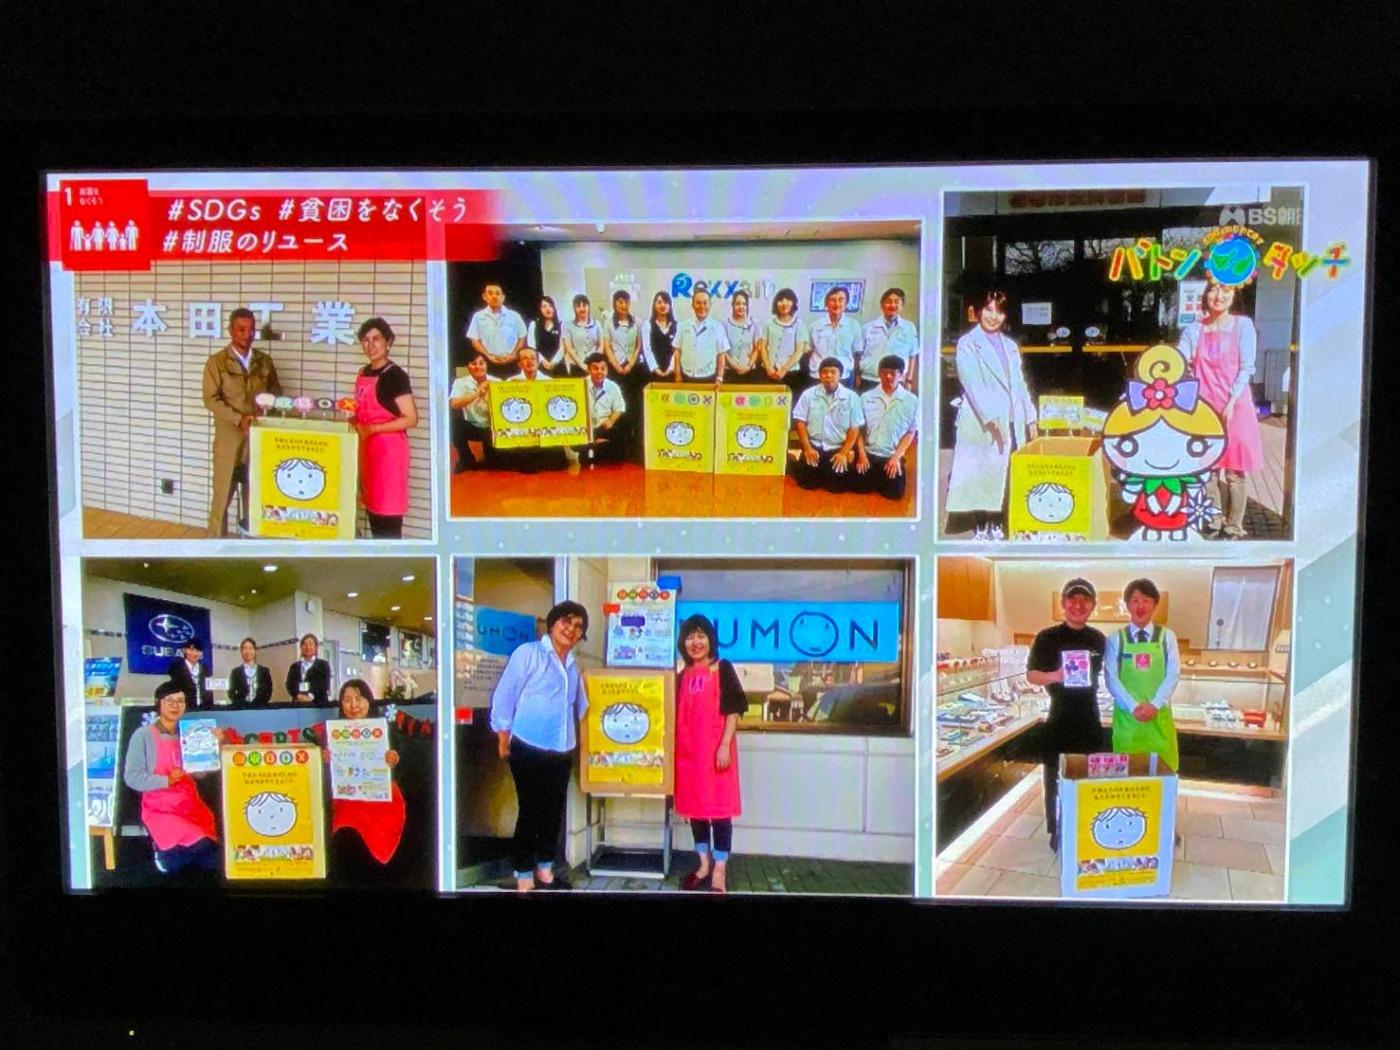 朝日 ホームページ Bs